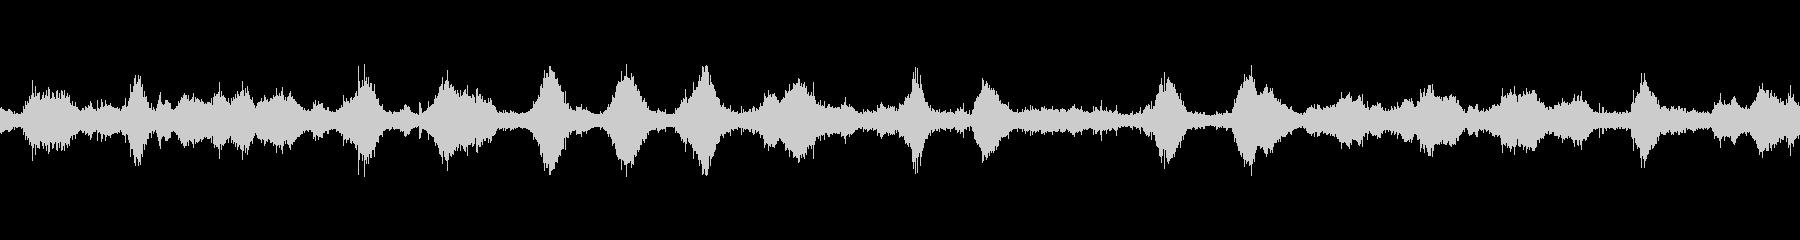 【バイノーラル】波の音ループ02の未再生の波形